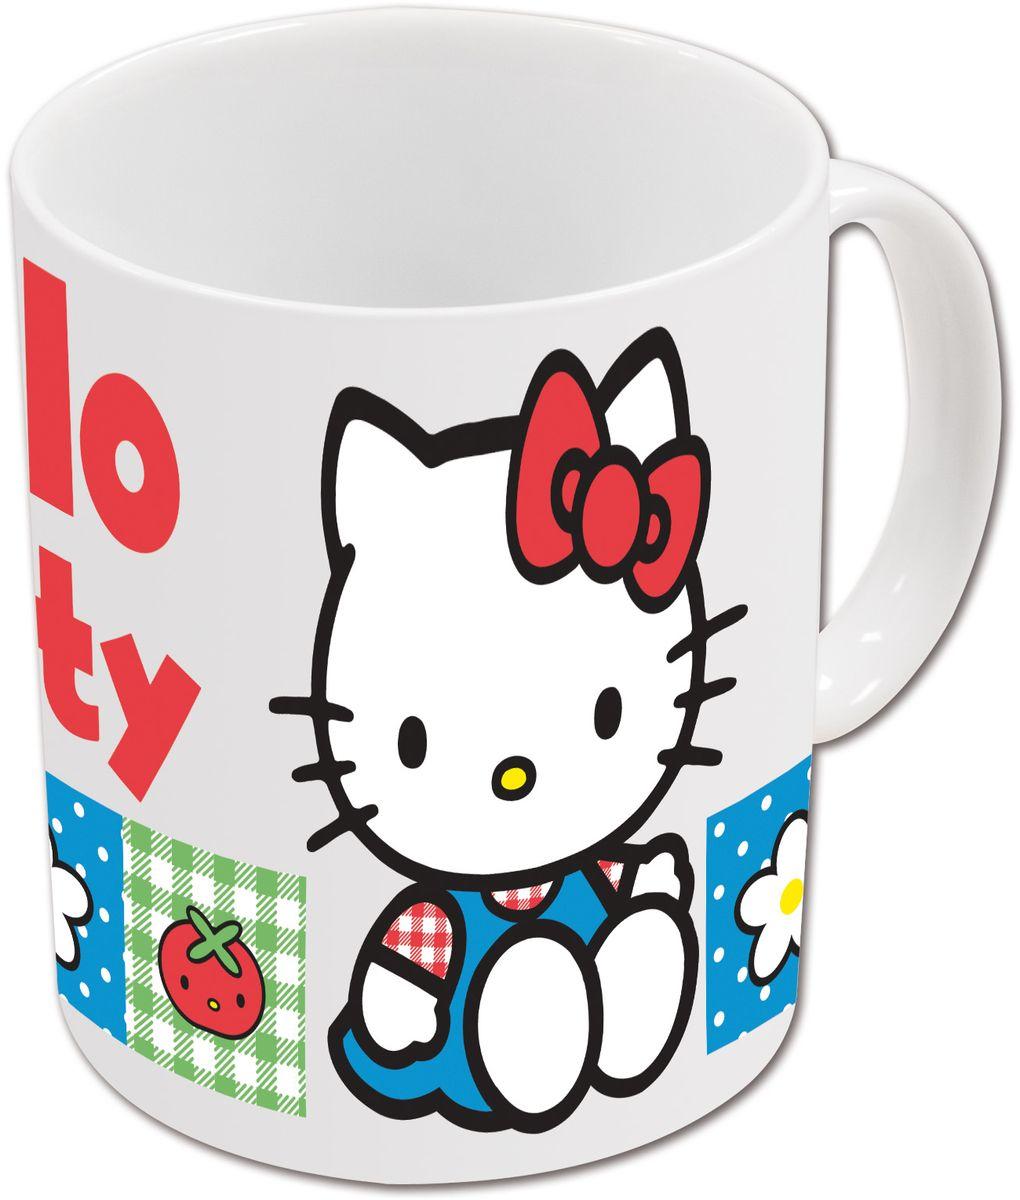 Stor Кружка детская Hello Kitty 325 мл в подарочной упаковке71376Оригинальная керамическая посуда с изображением любимых героев - прекрасный подарок для детей и взрослых. Можно использовать в СВЧ-печи и посудомоечной машине.